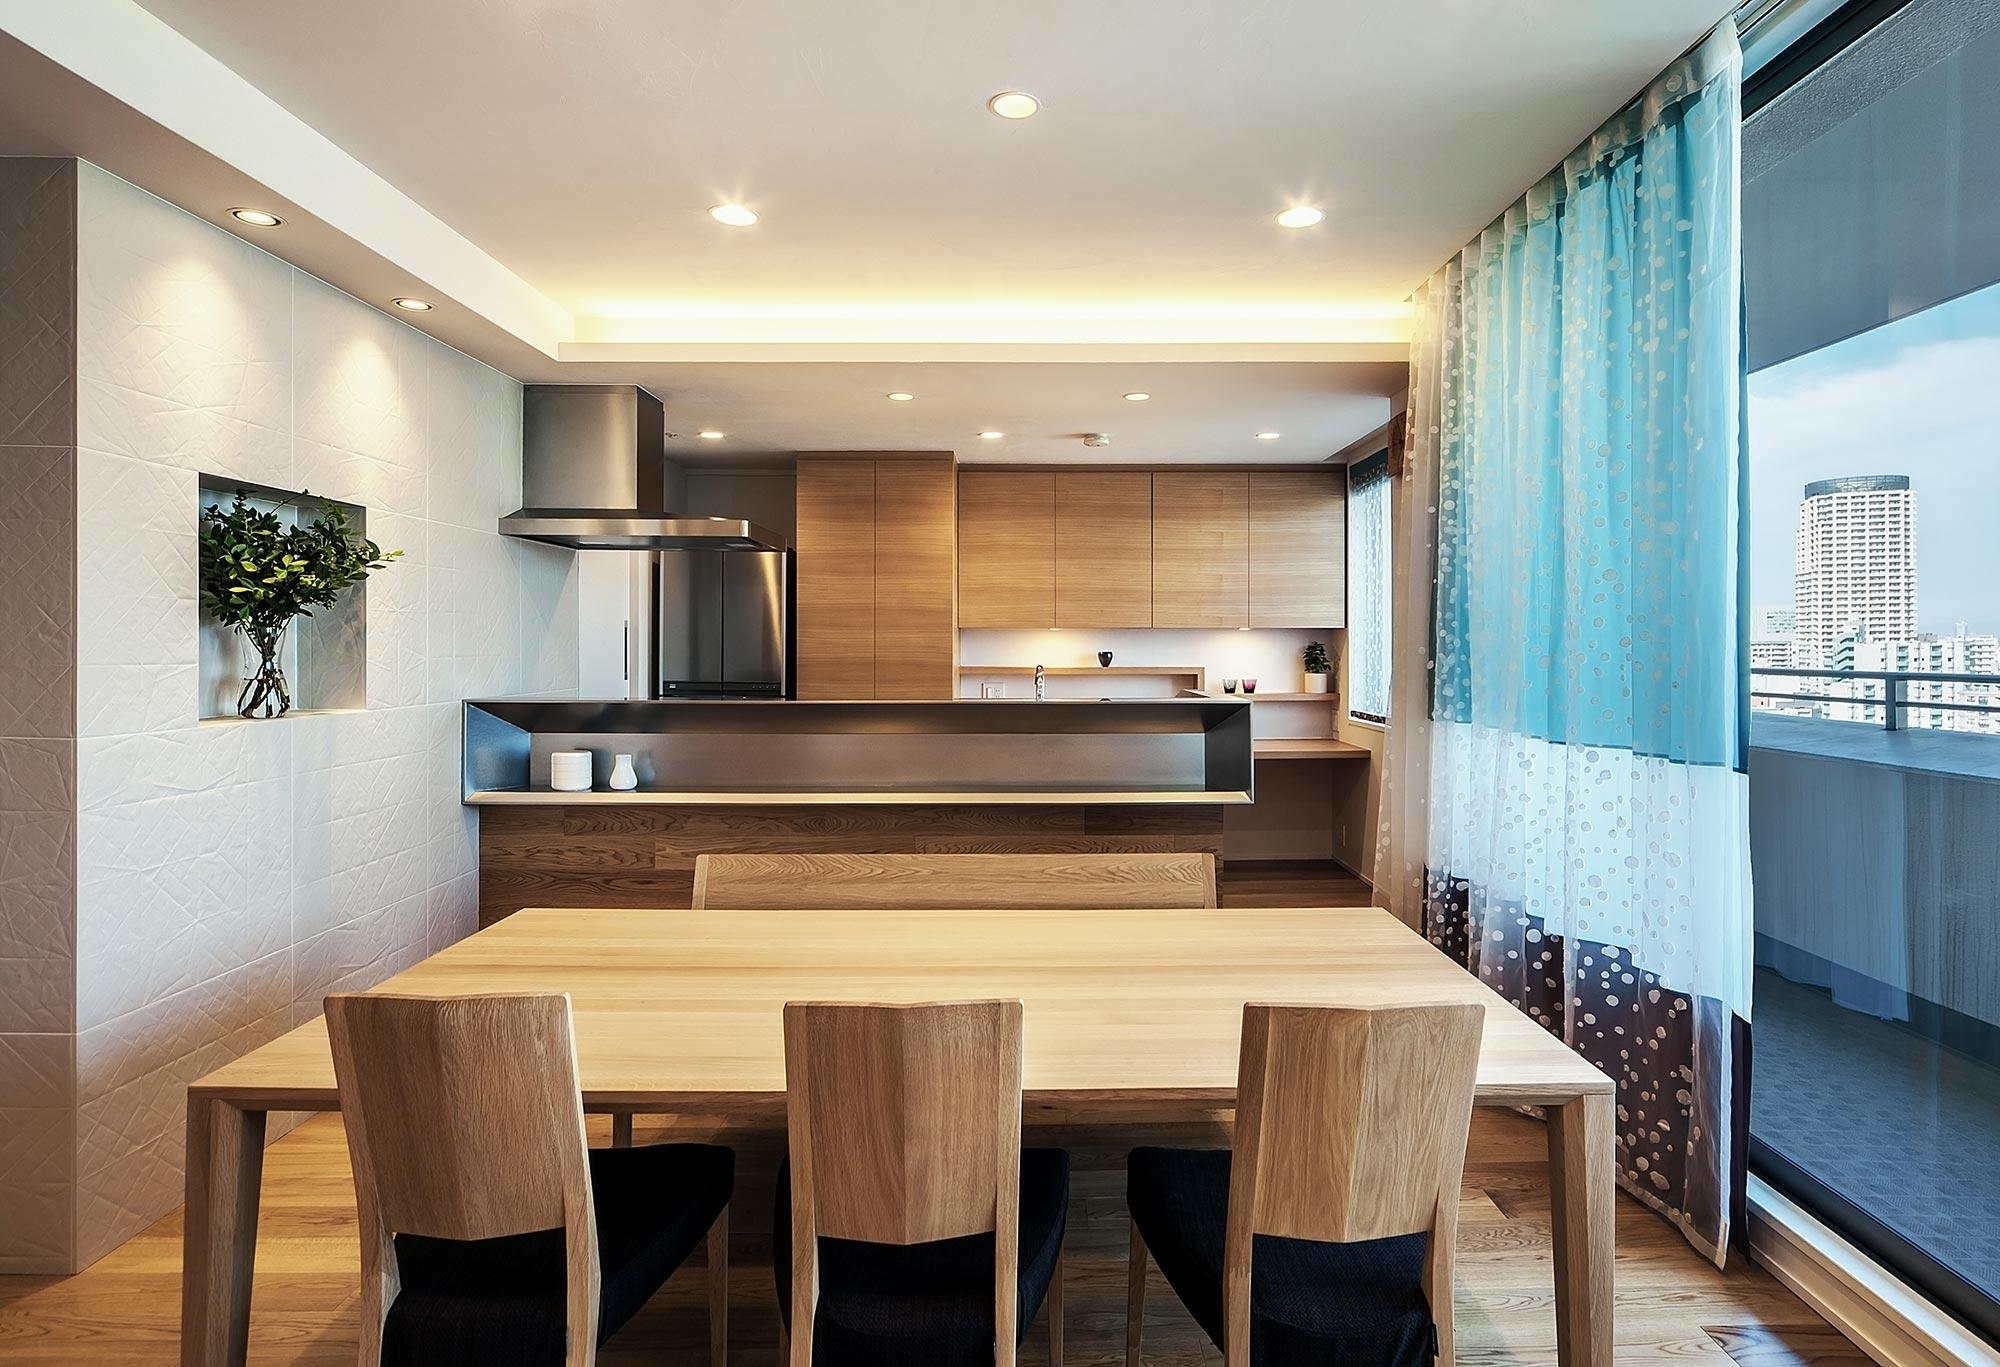 リビングよりキッチンを見る: タモのナチュラルな色合いをベースに、様々な素材で空間を構成しています。カーテンは美しい柄のレースを内側にかけるレースインスタイル。ドレープの色の組合せや高さは特注です